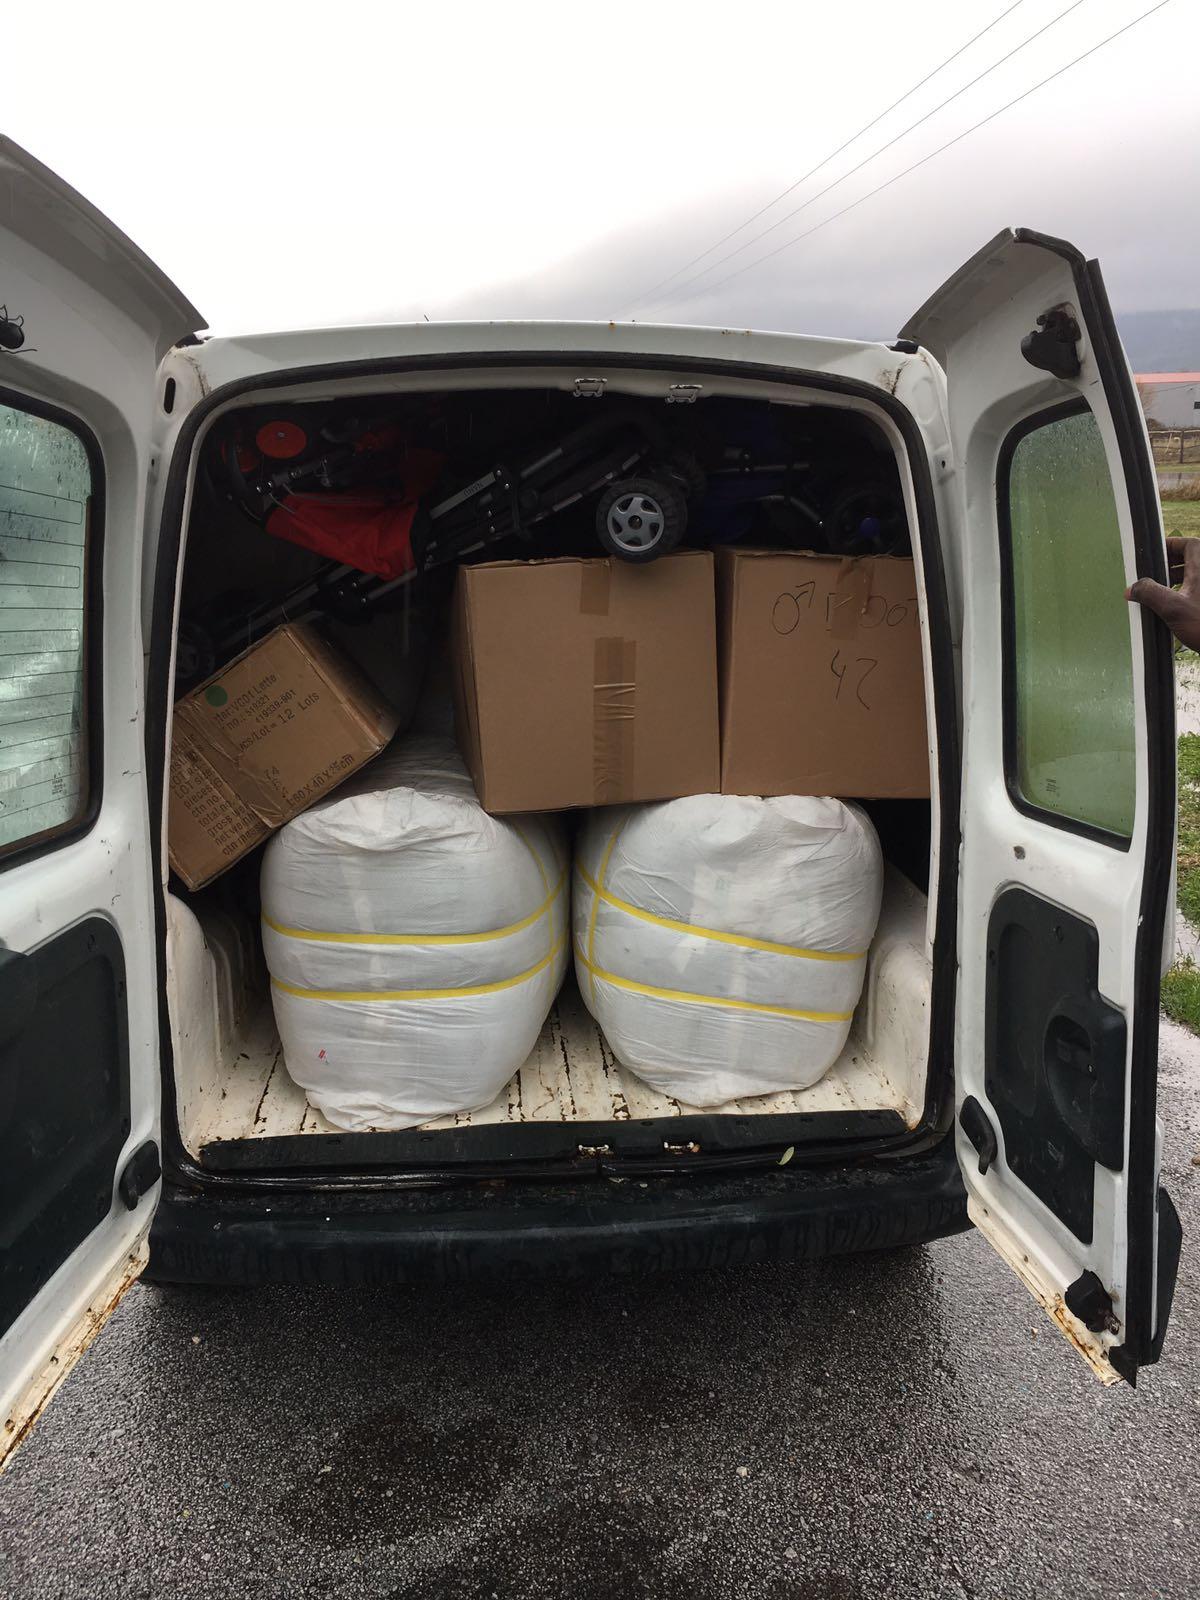 Auch andere Organisationen kommen nach Attika, um Güter abzuholen und sie den Menschen auf der Flucht zu verteilen.